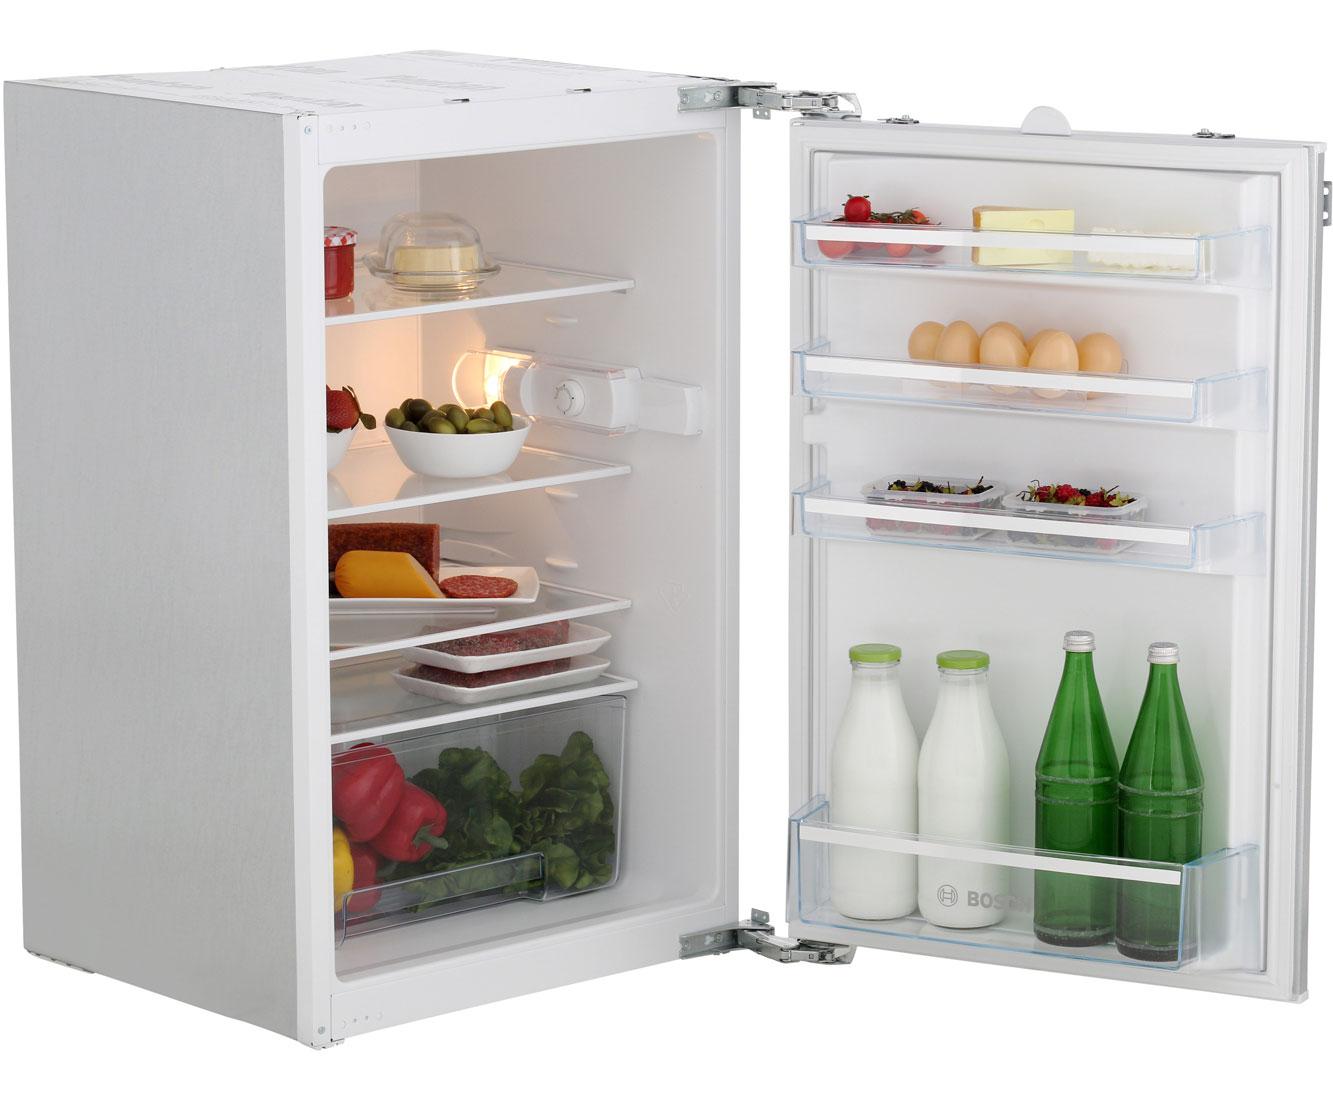 Siemens Kühlschrank Festtür Einbau : Kühlschrank festtür einstellen kühlschrank modelle